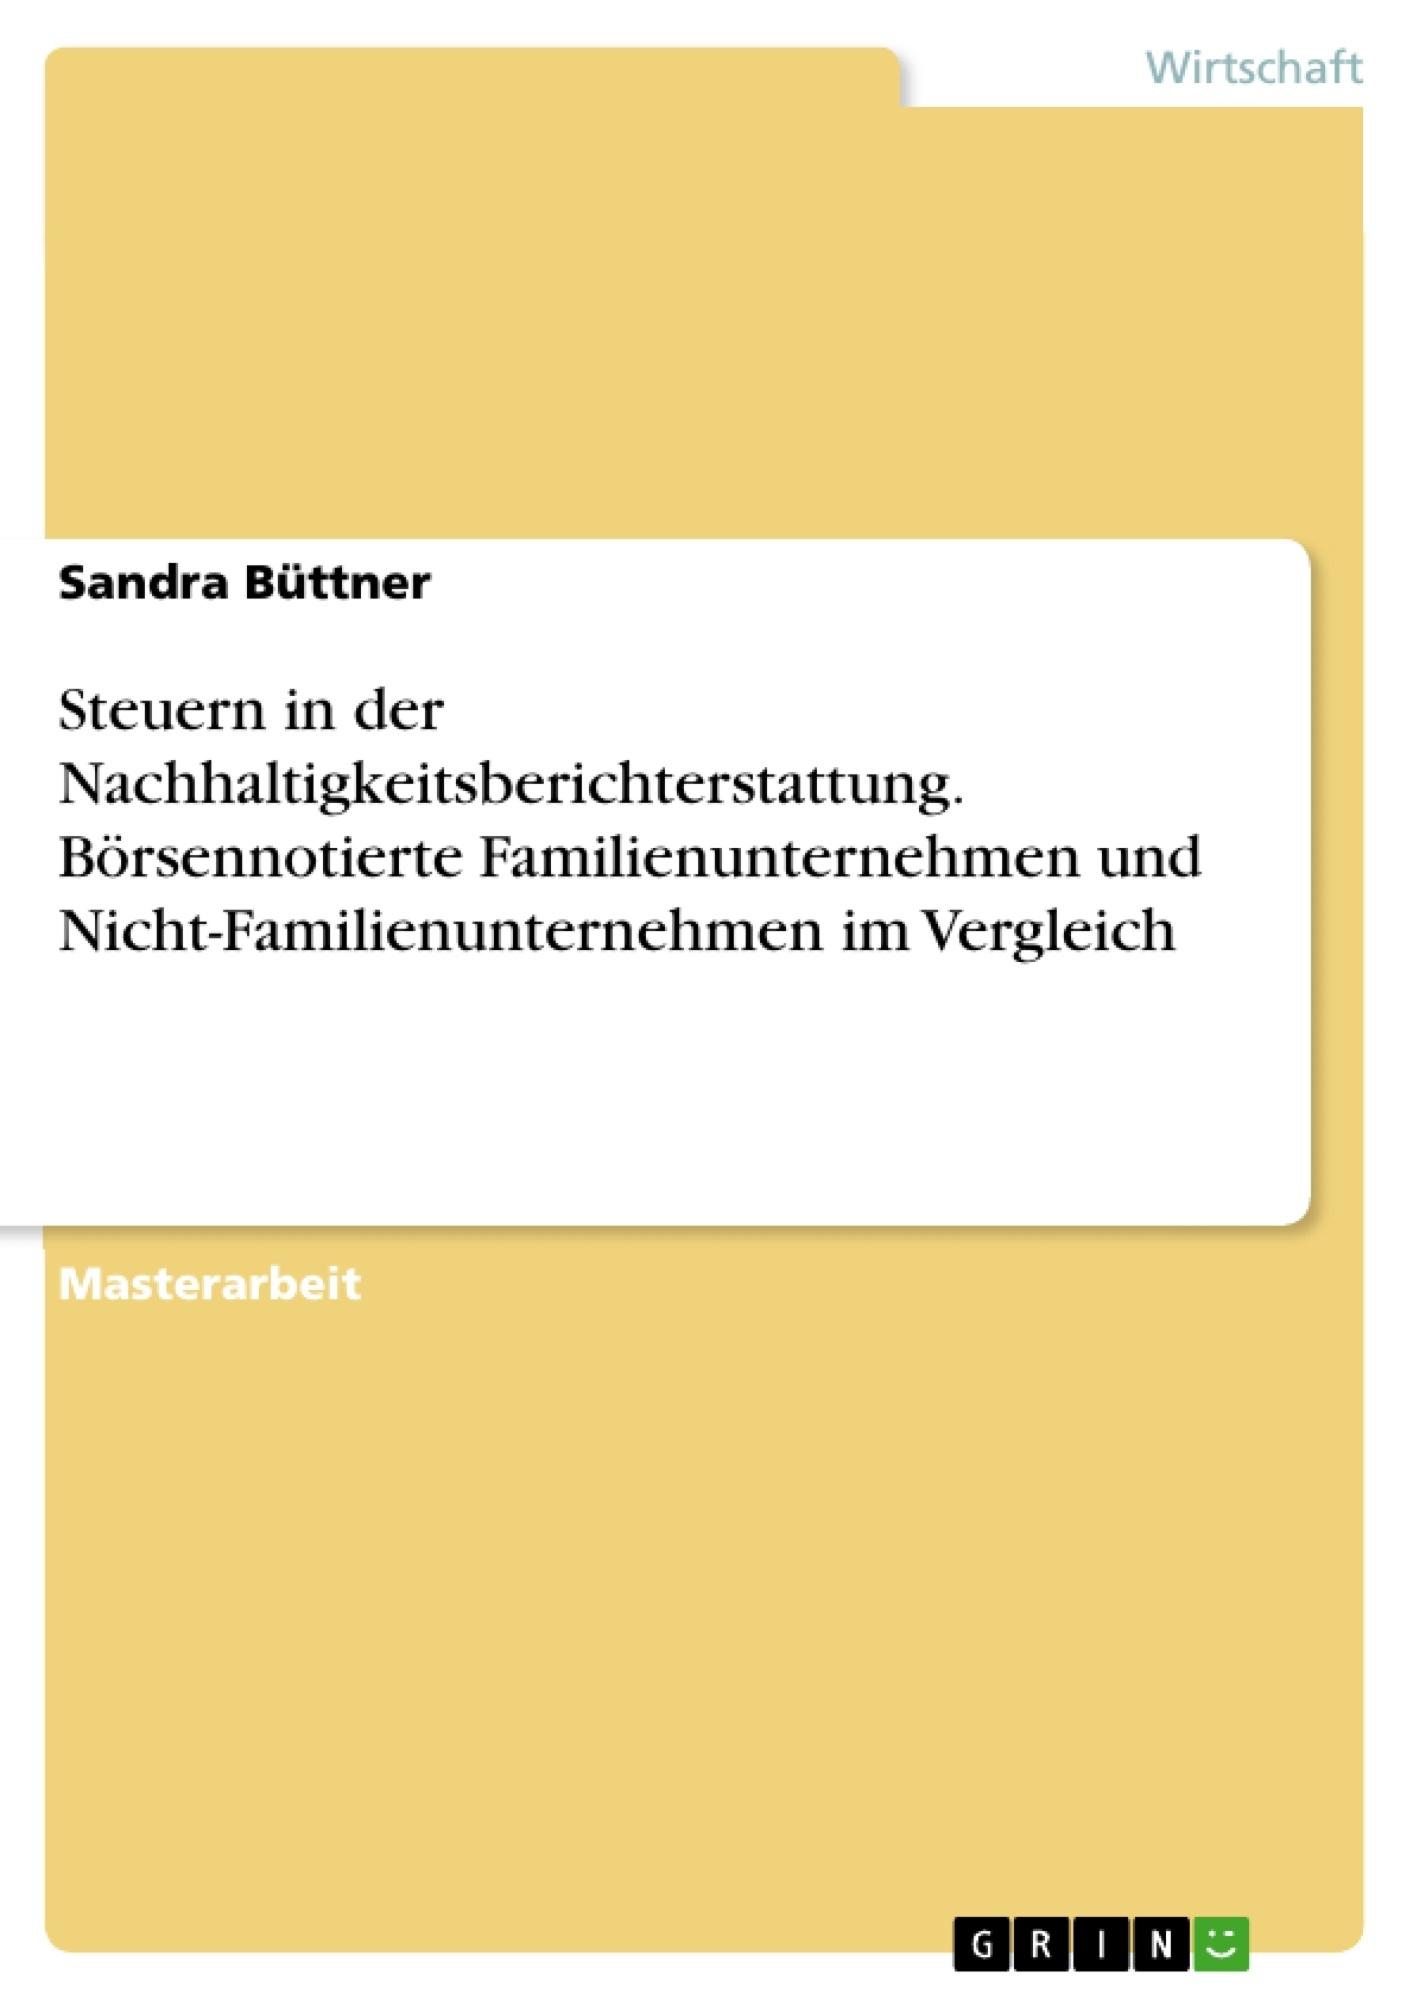 Titel: Steuern in der Nachhaltigkeitsberichterstattung. Börsennotierte Familienunternehmen und Nicht-Familienunternehmen im Vergleich